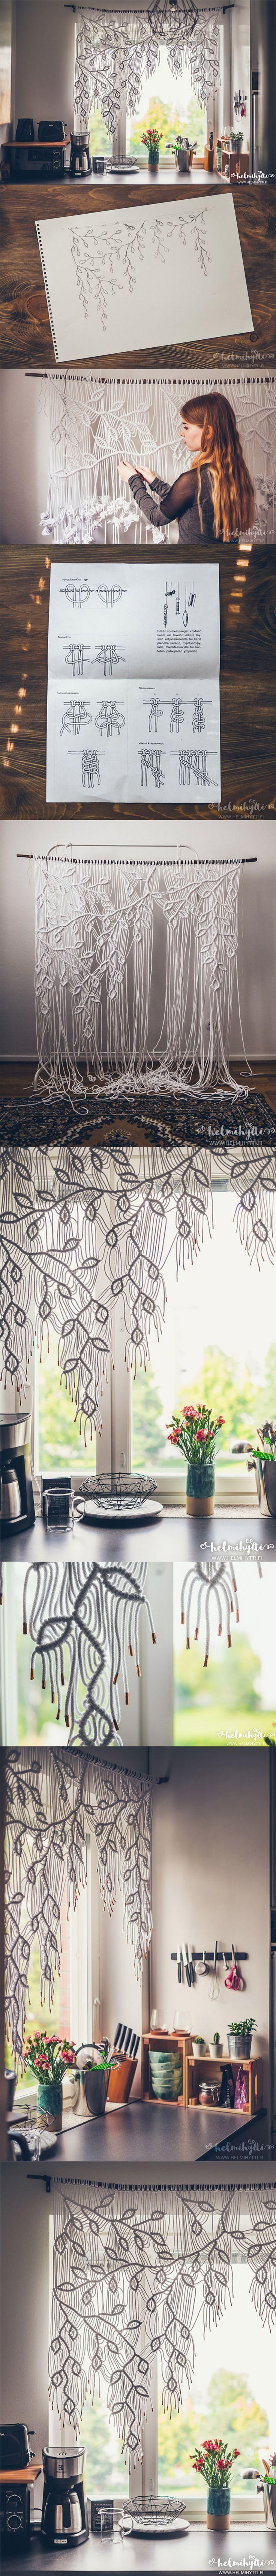 Home Design-Ideen: Home Decorating Ideen auf ein B…